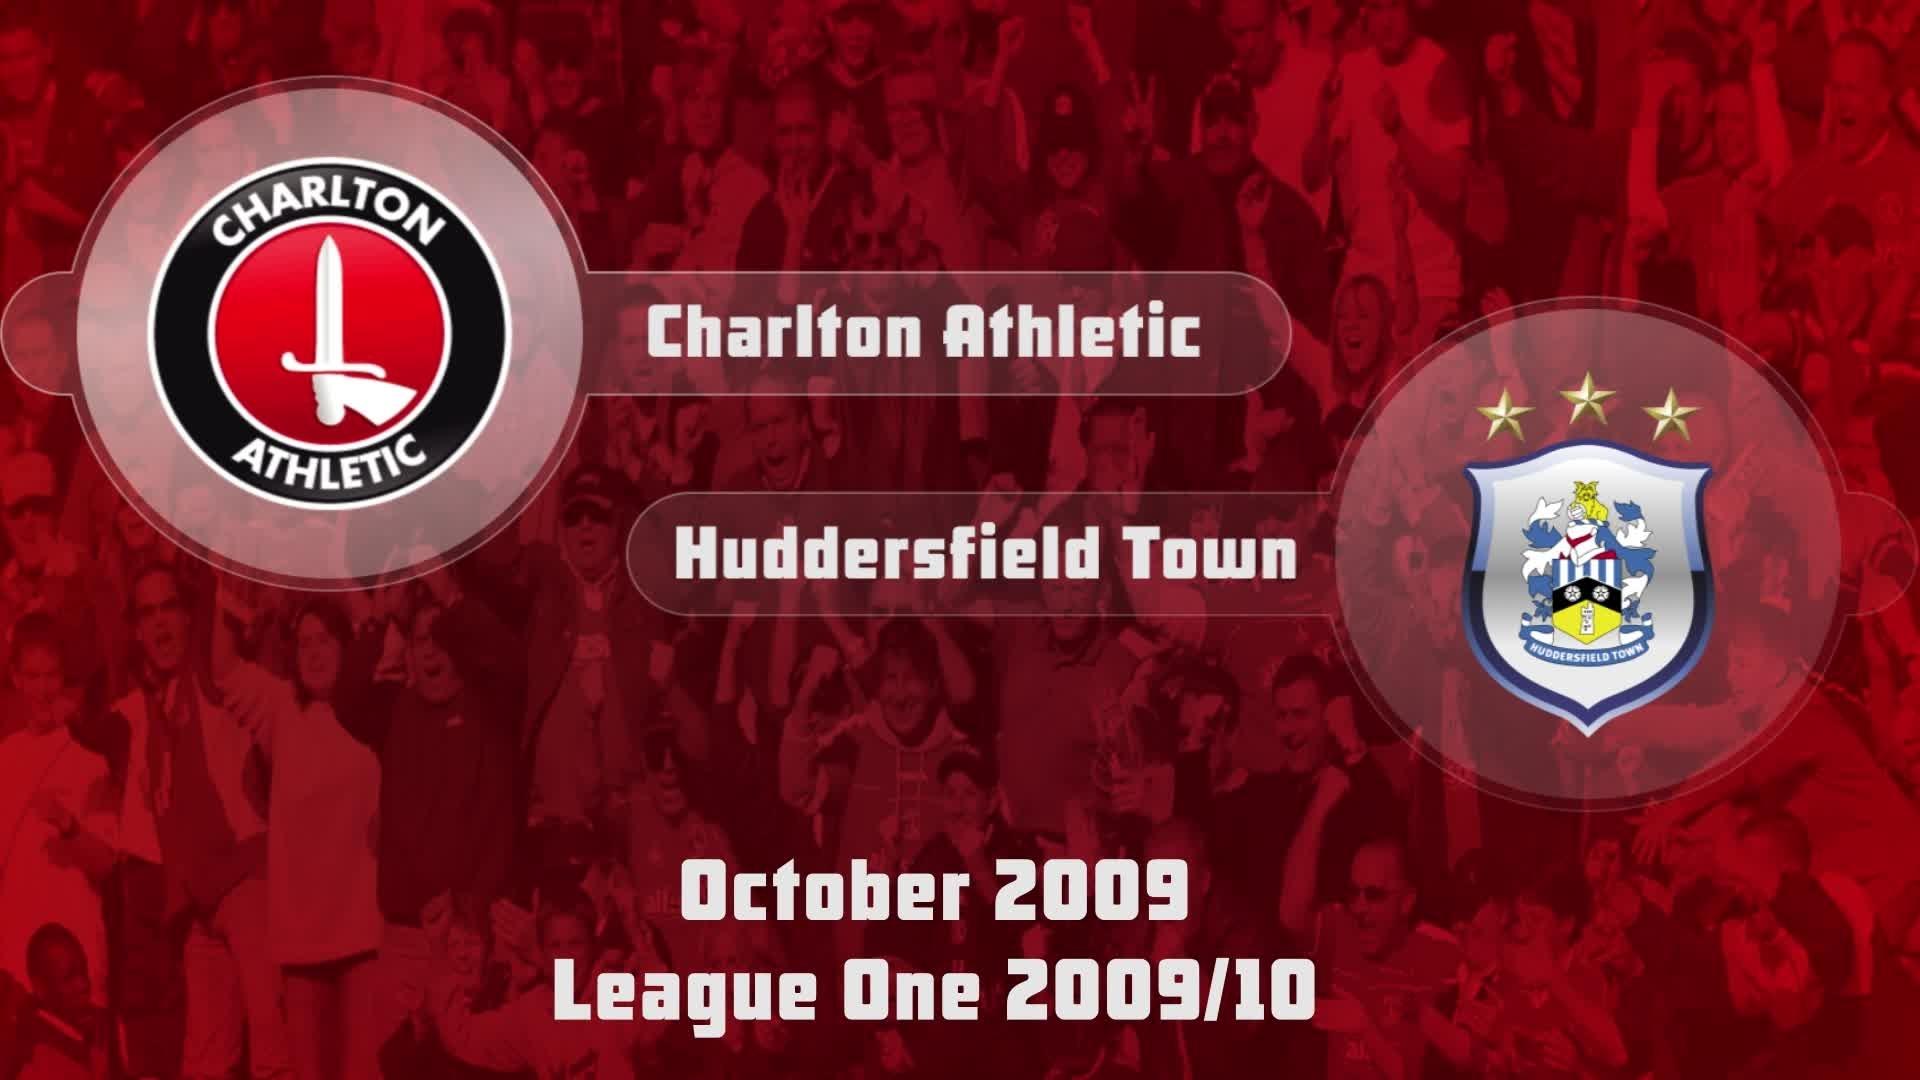 15 HIGHLIGHTS | Charlton 2 Huddersfield 1 (Oct 2009)